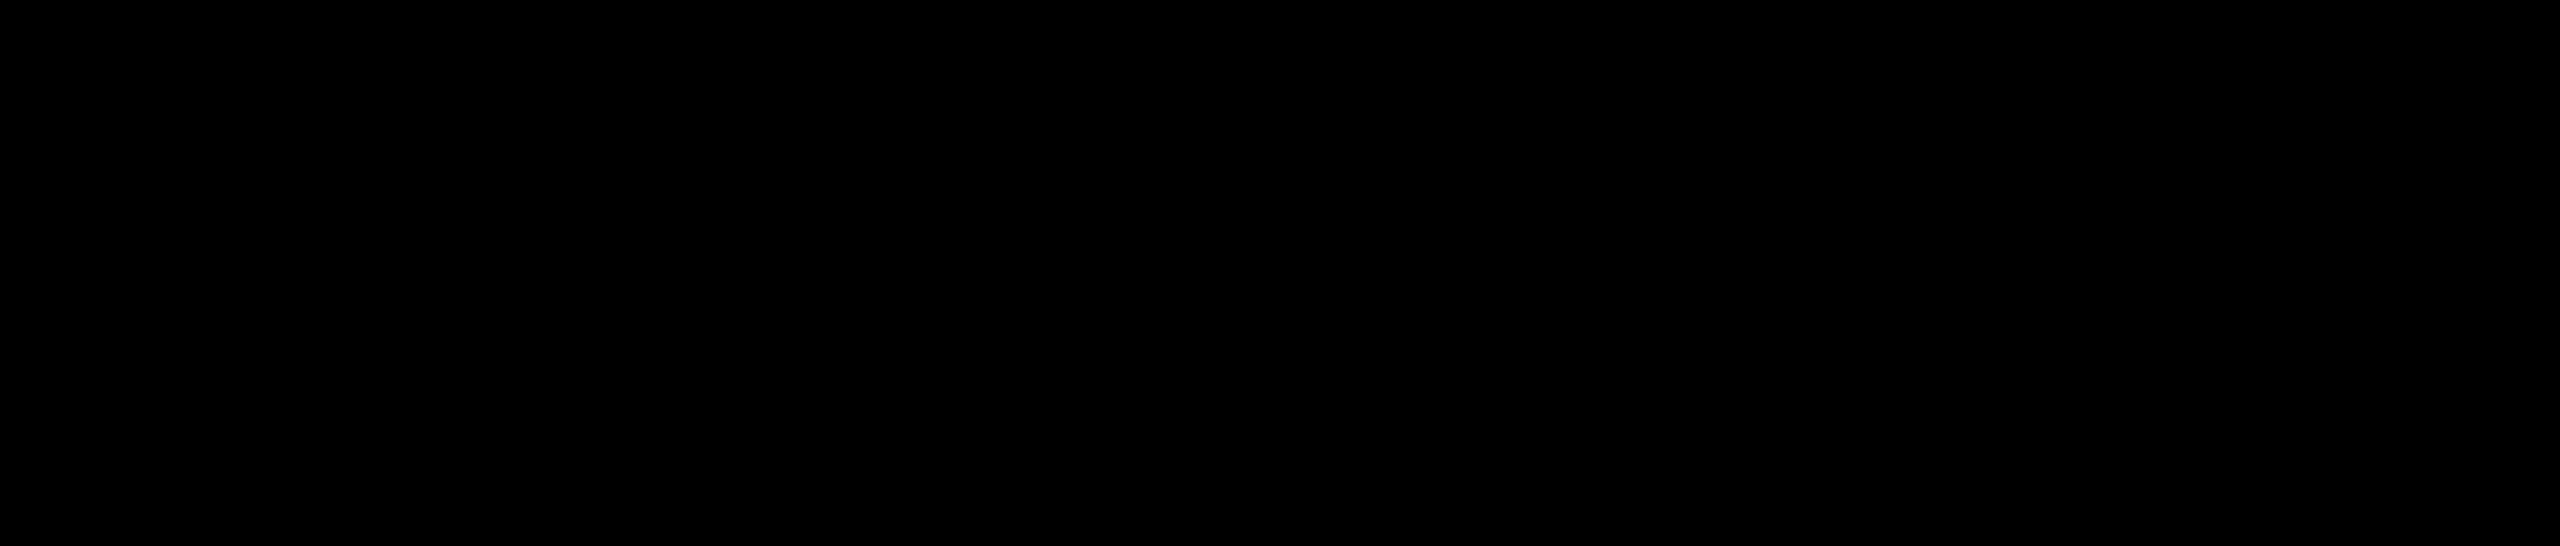 Luka Kotnik